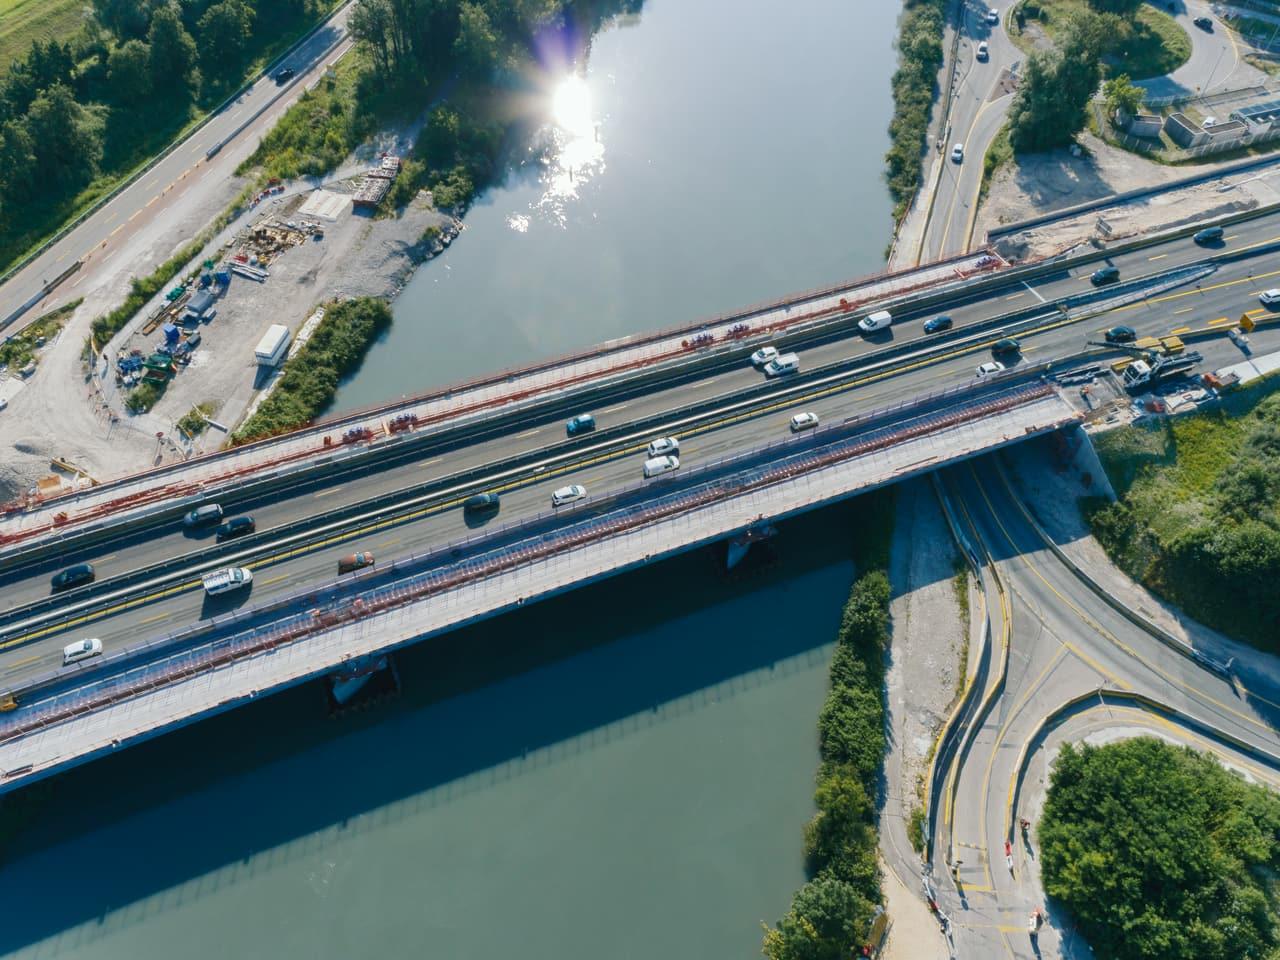 Viaduc de l'Isère durant la préparation au clavage du nouveau tablier sur l'existant le long de l'autoroute A480